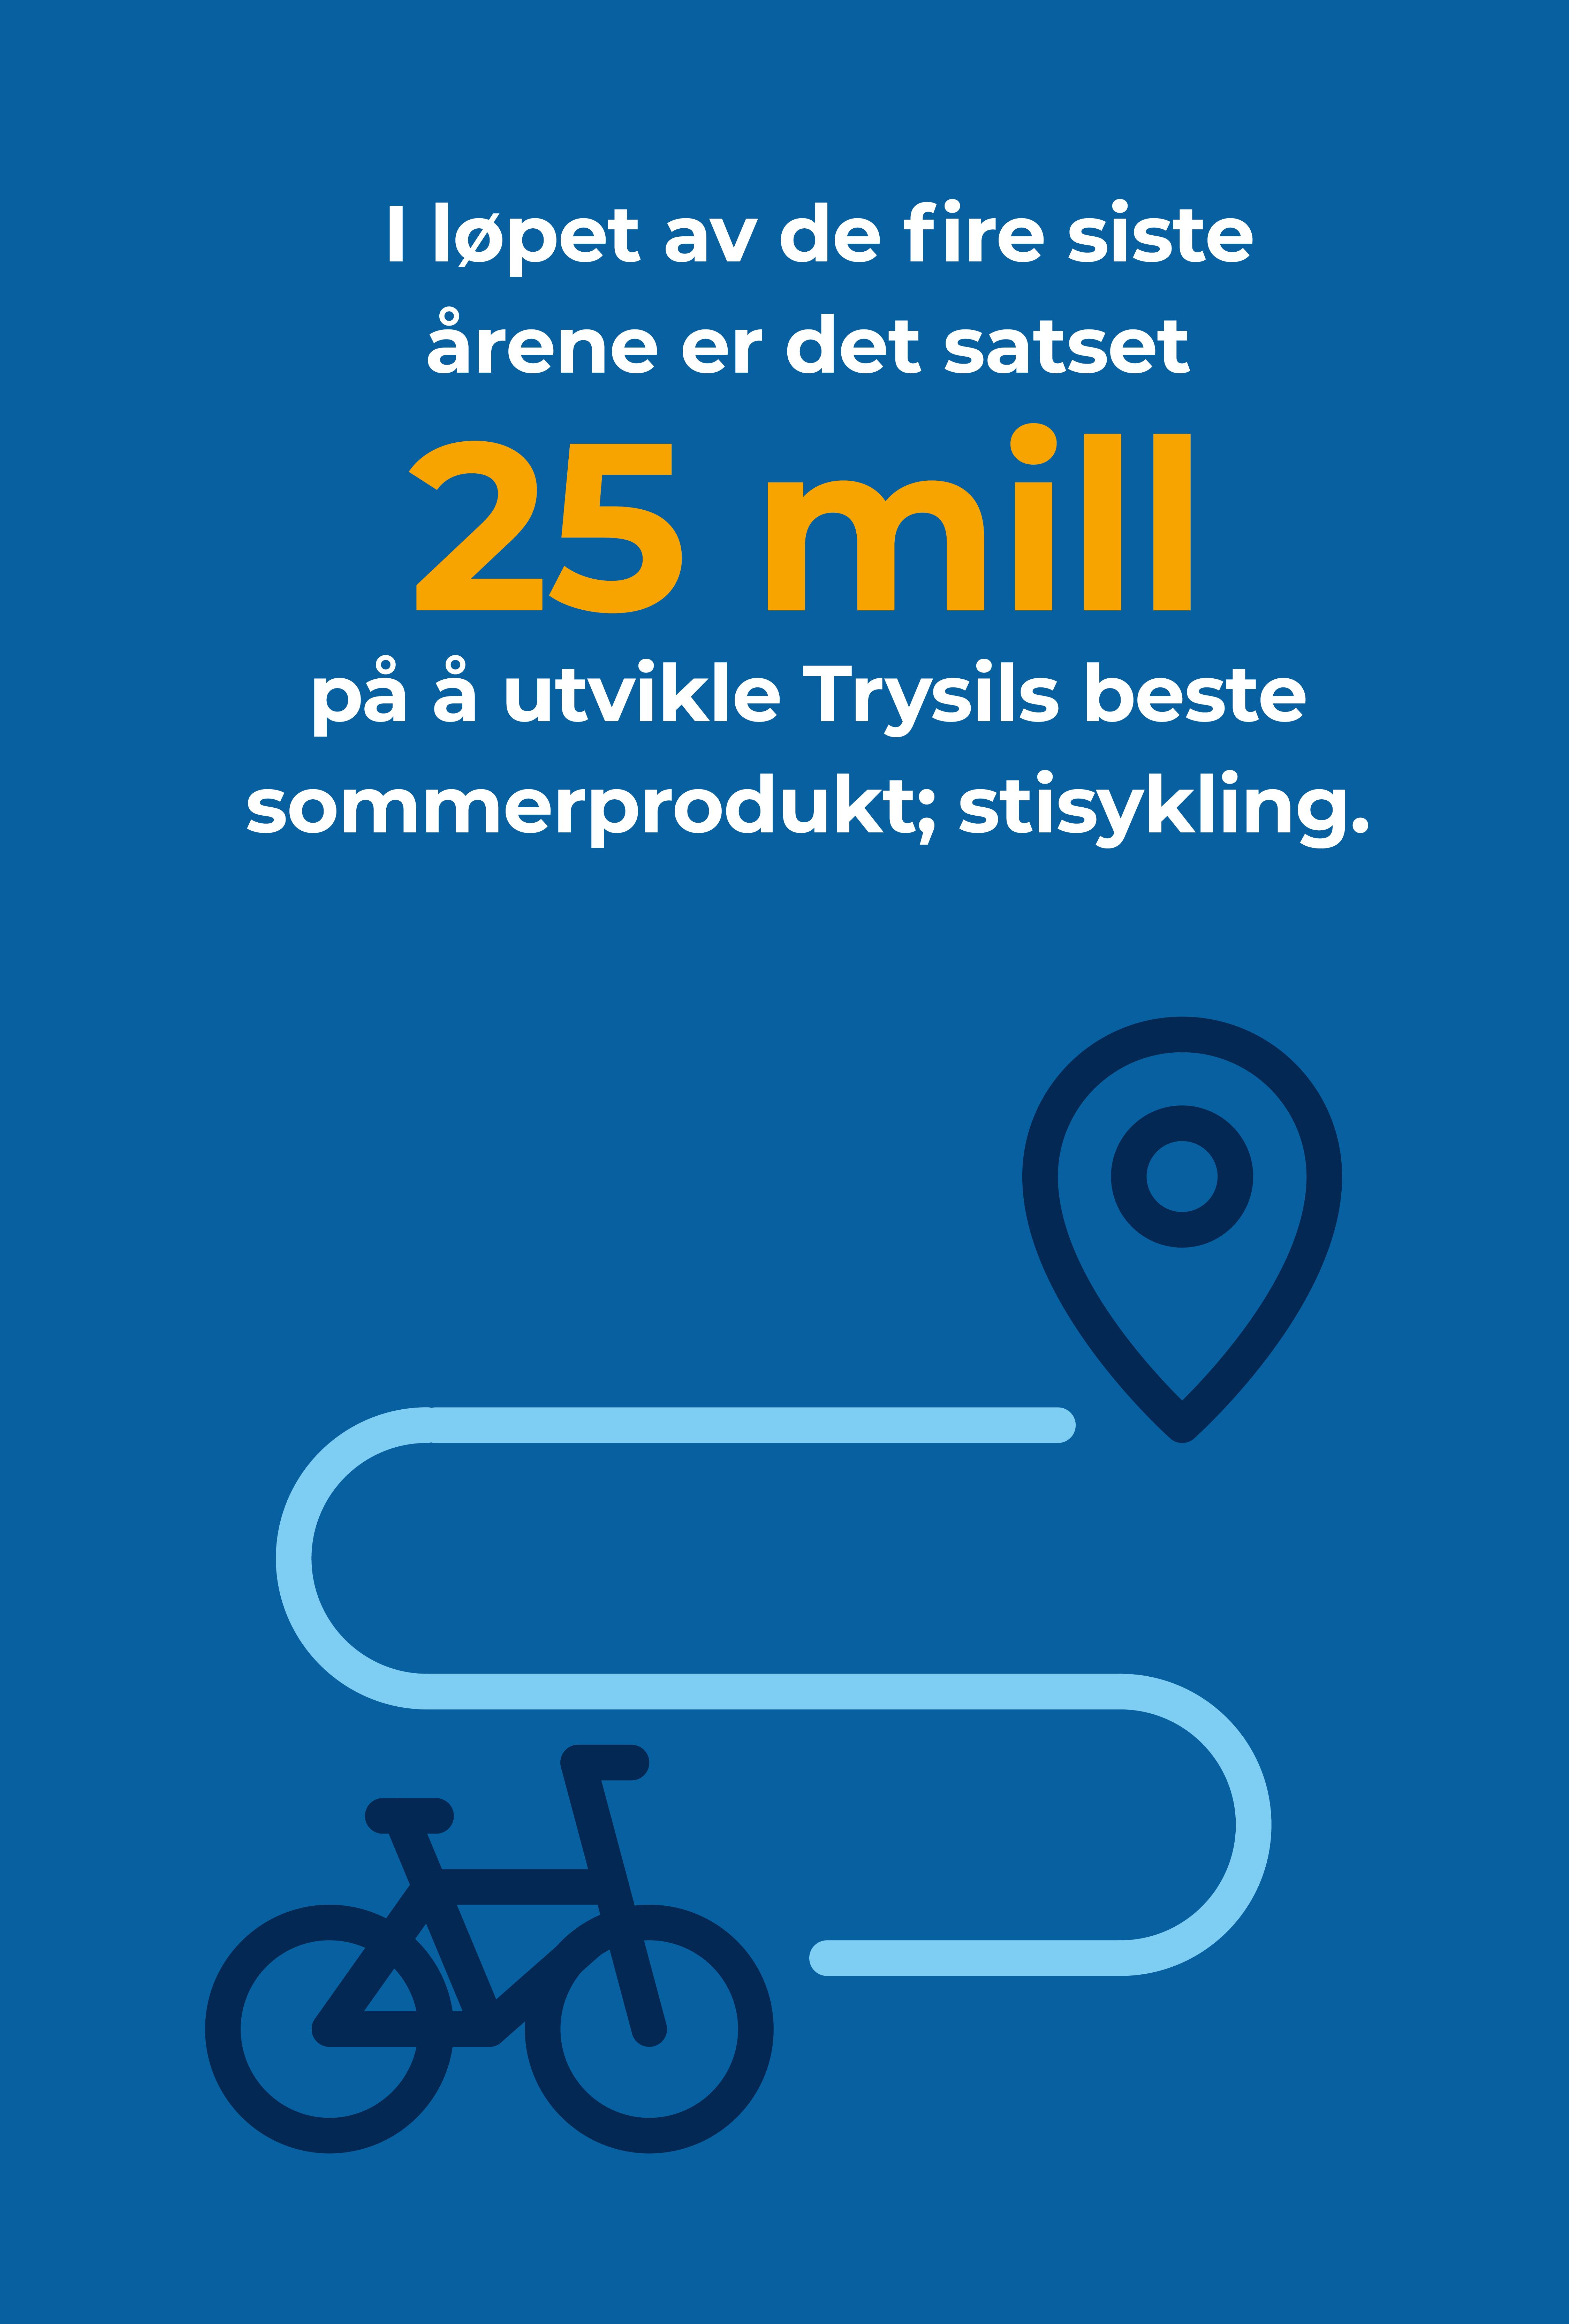 I løpet av de fire siste årene er det satset 25 mill på å utvikle Trysils beste sommerprodukt; stisykling.